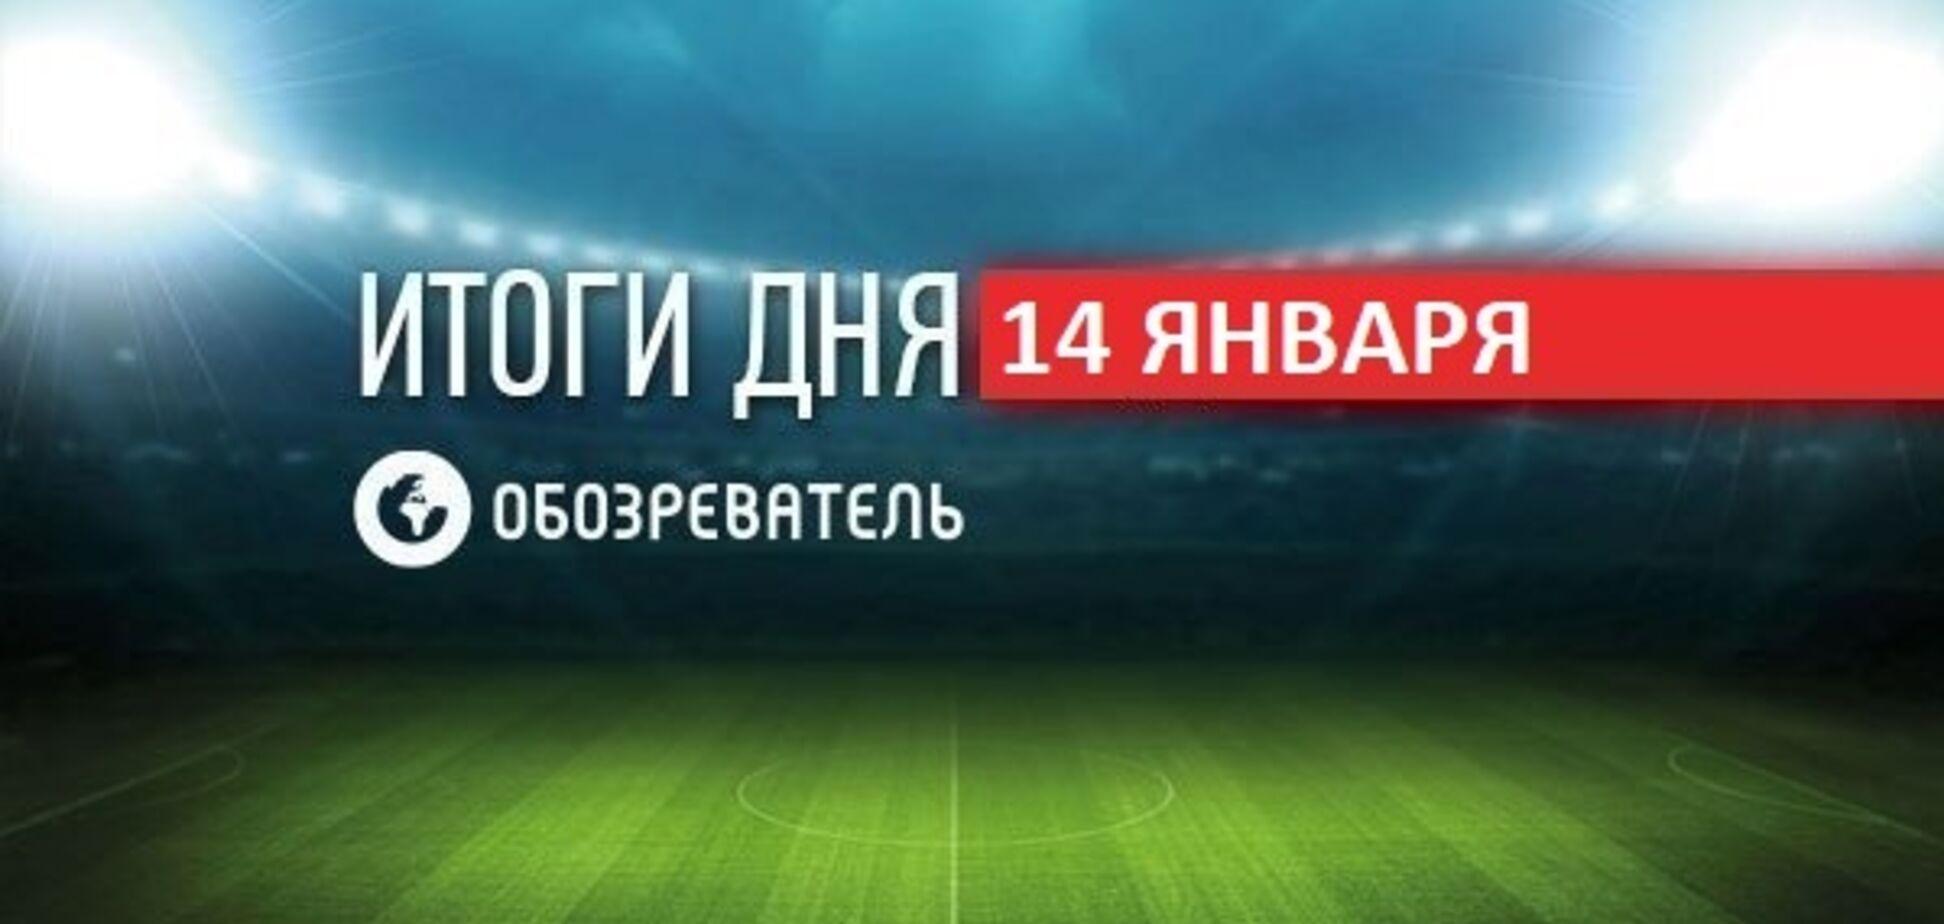 Усик высказался о мире в Украине: спортивные итоги 14 января